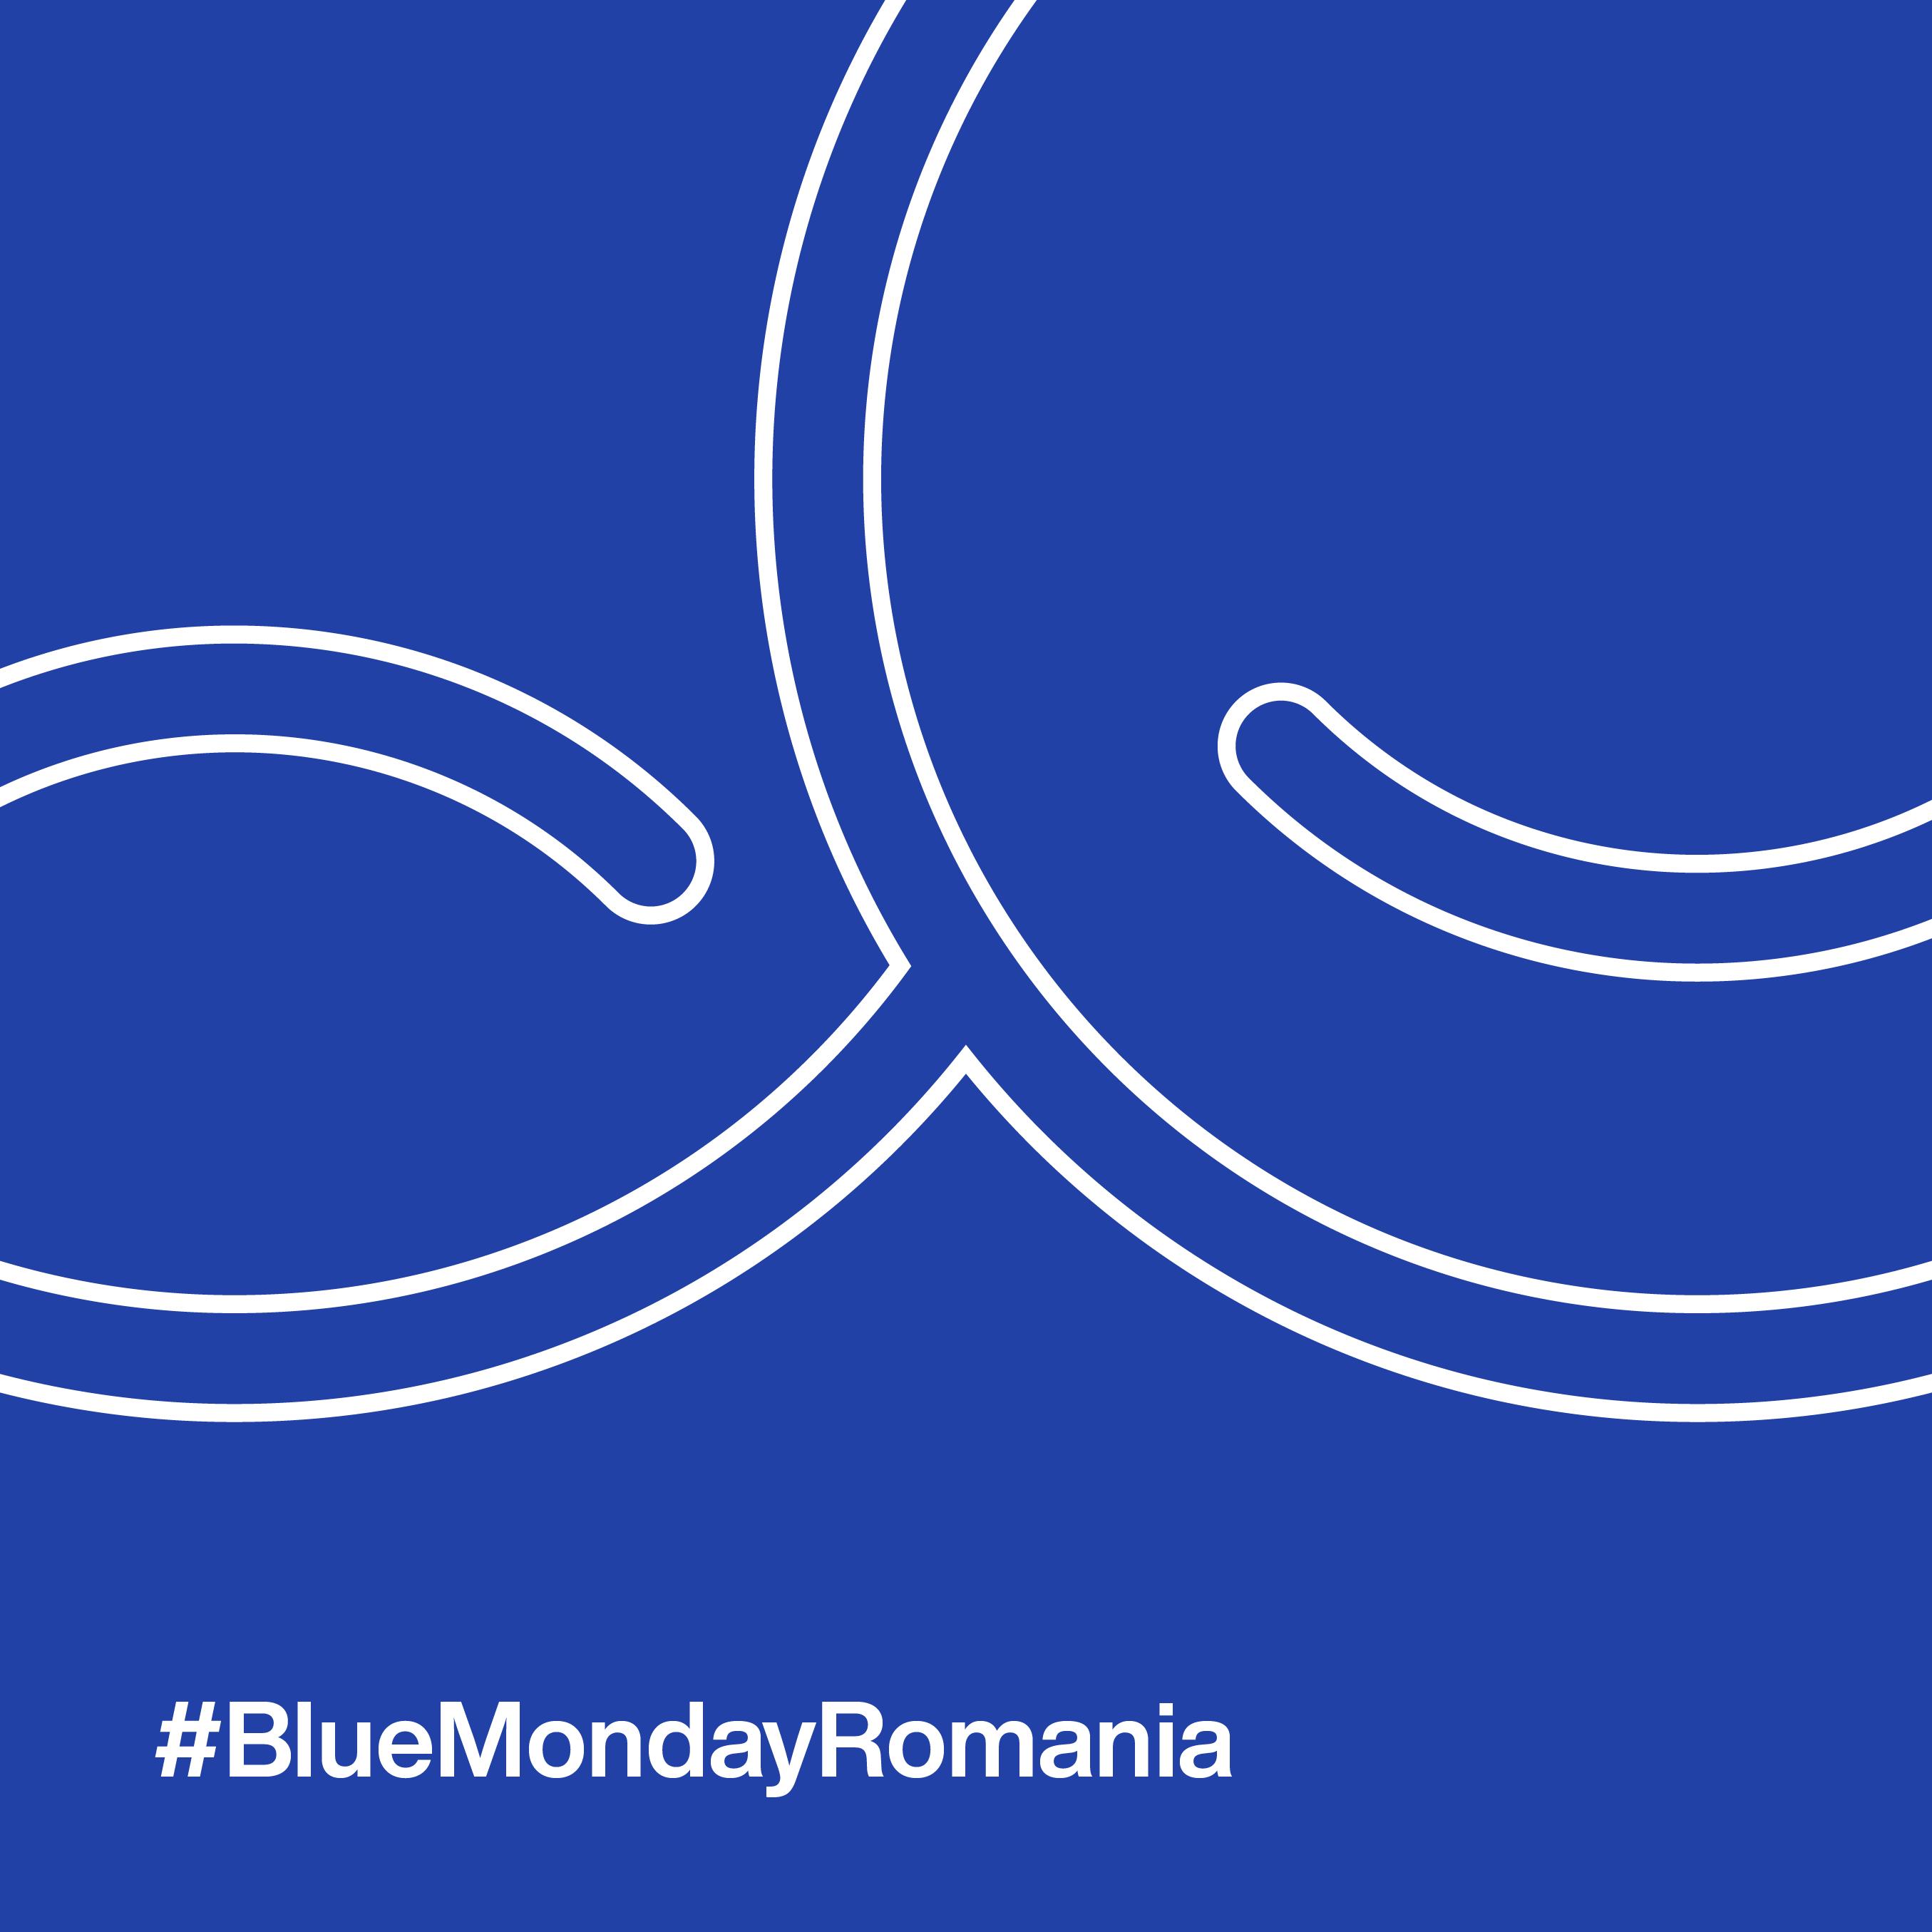 Blue Monday. 18 ianuarie este considerată cea mai deprimantă zi din an. Consiliere psihologică gratuită până în 30 ianuarie